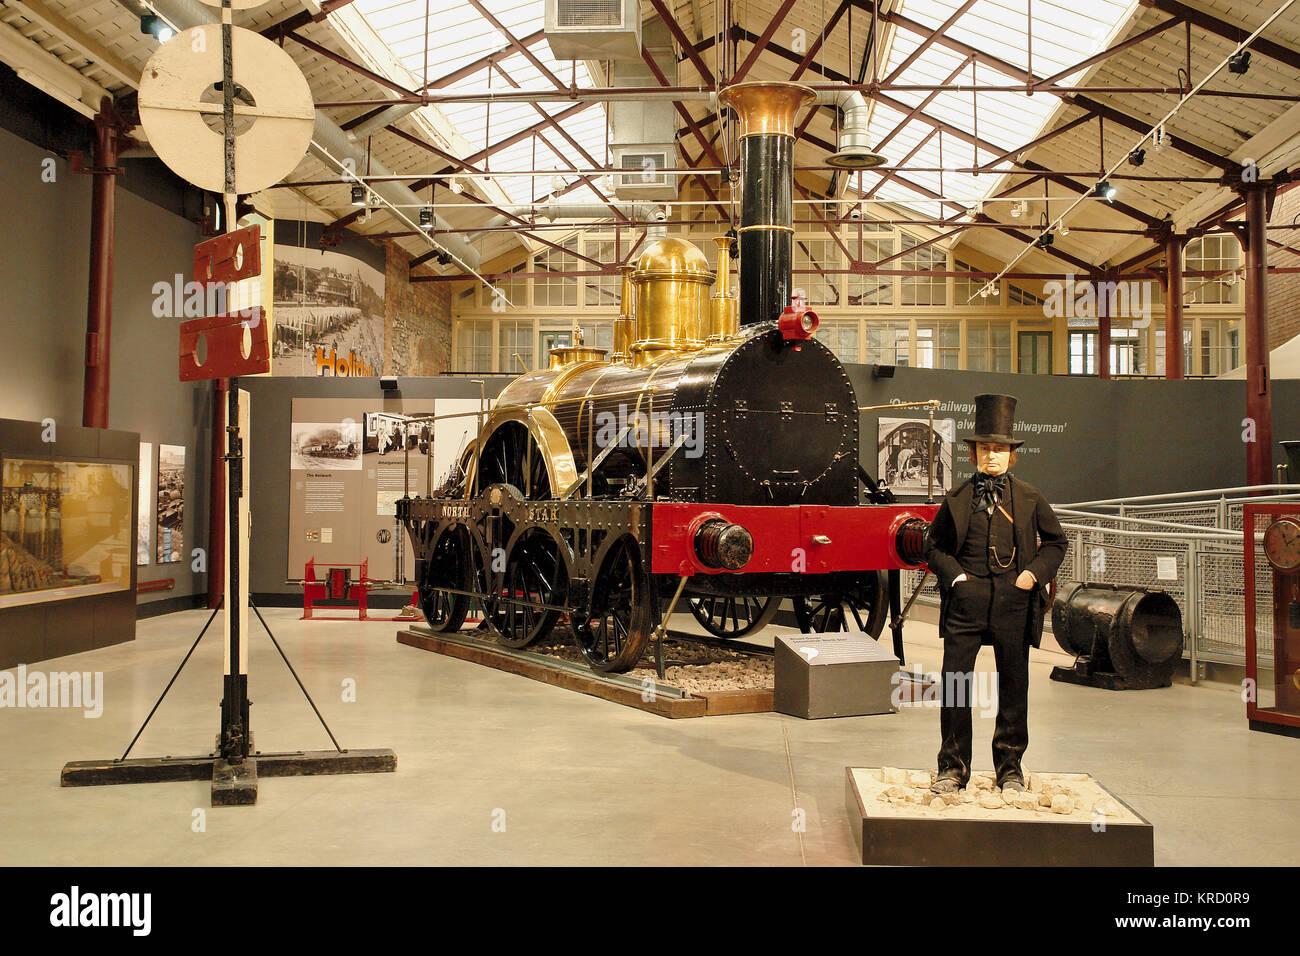 Ein Display um Isambard Kingdom Brunel in der Swindon Steam Railway Museum zentriert. Hinter dem Modell der Brunel Stockbild